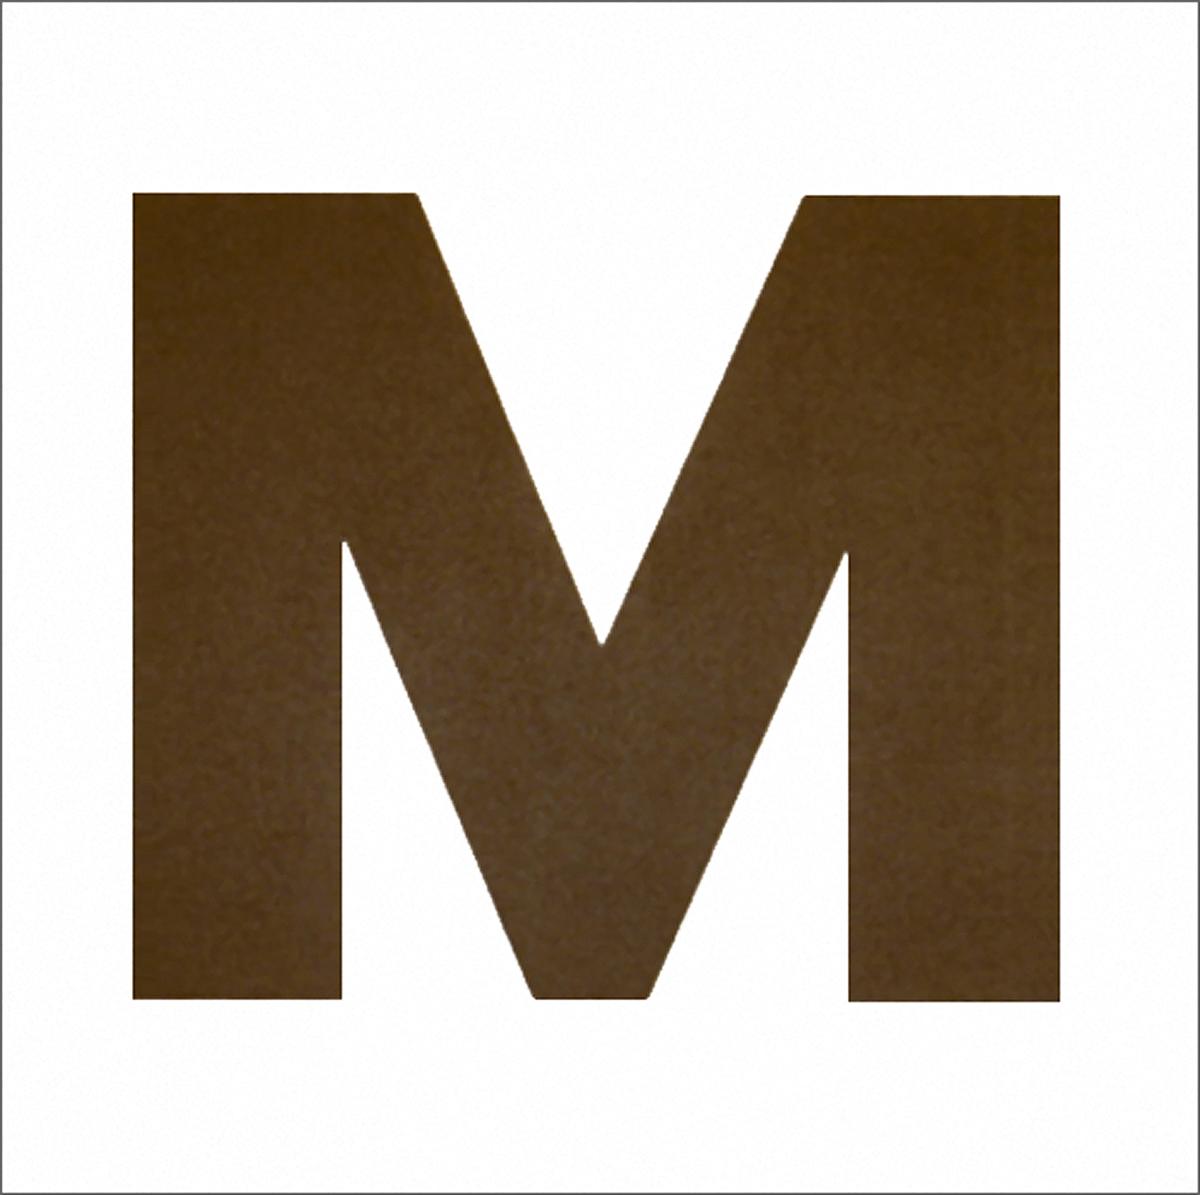 Signe singe - M